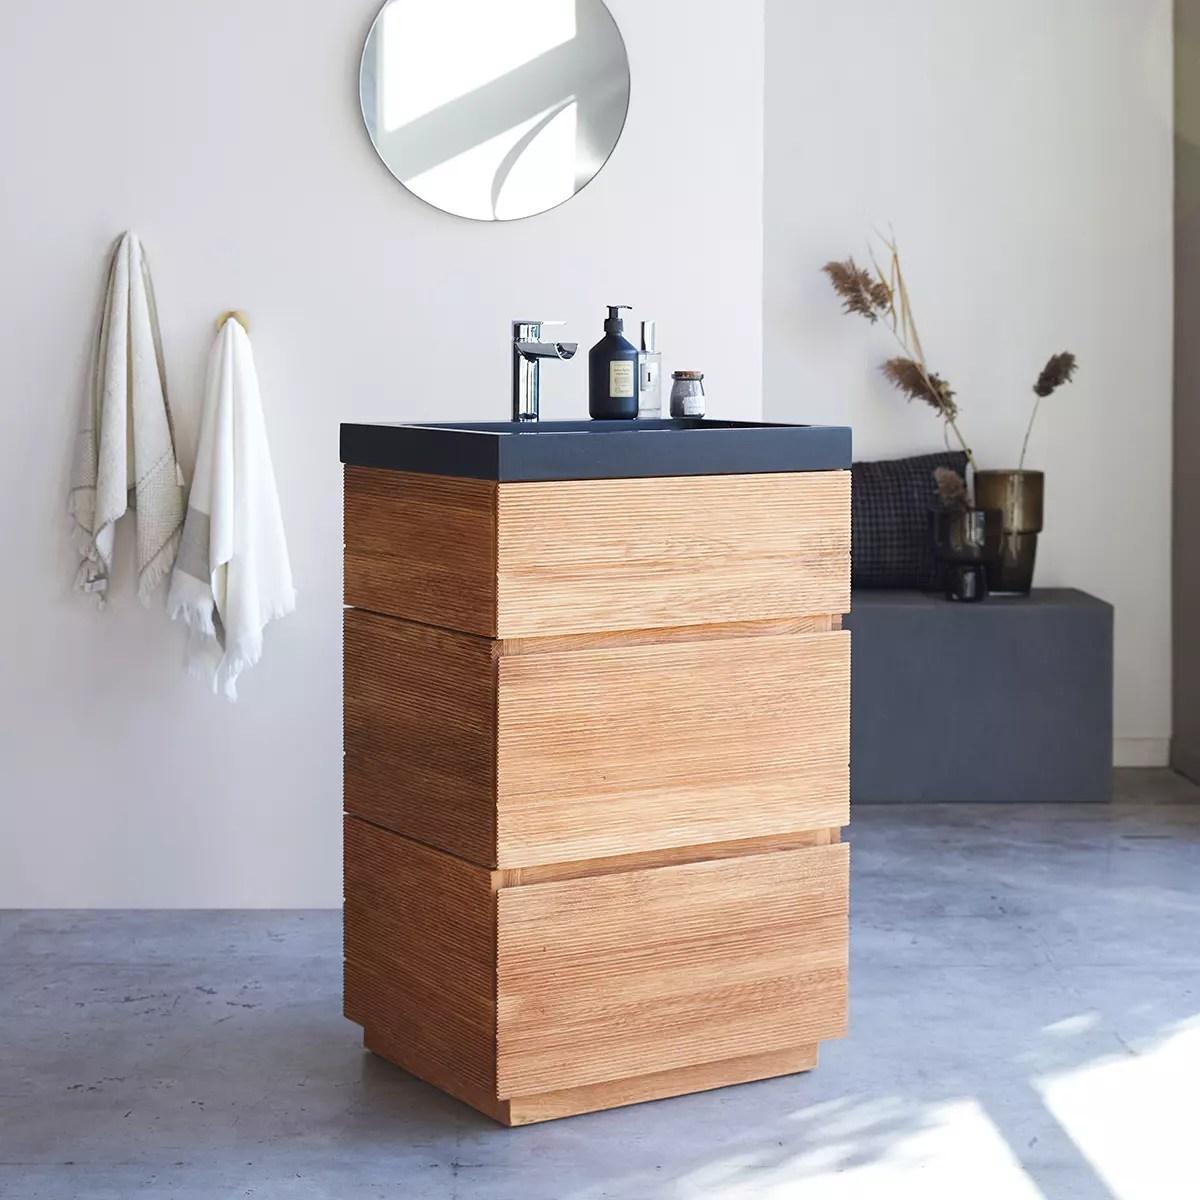 meuble salle de bain en chene massif et pierre de lave 60 karl